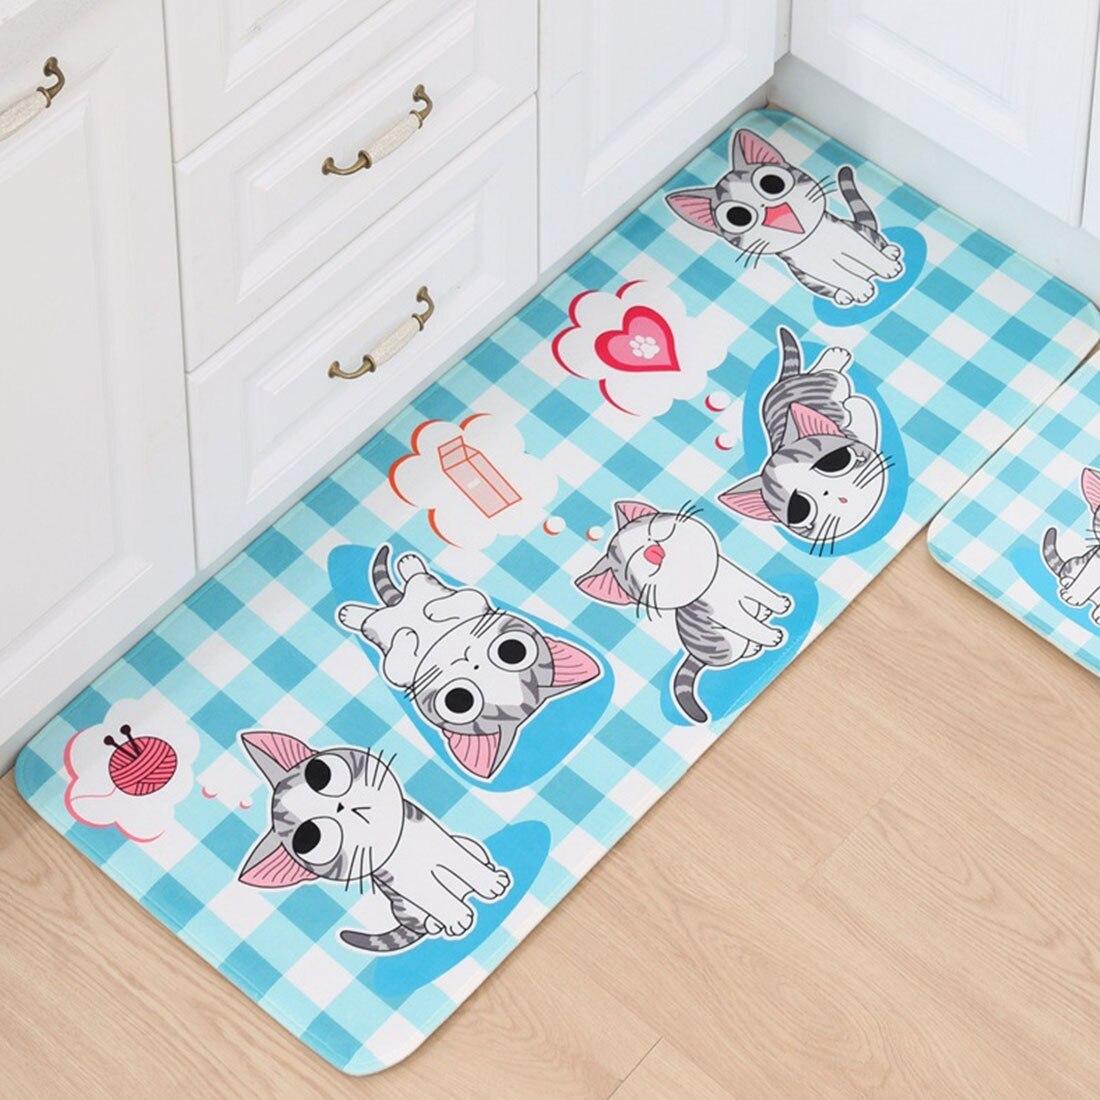 1 Stück Katze Fußmatte Boden Matte Anti-slip Wasser Absorption Teppich Küche Matte Tür Matte Katze Küche Teppich Wc Tapete Teppich Veranda Tür